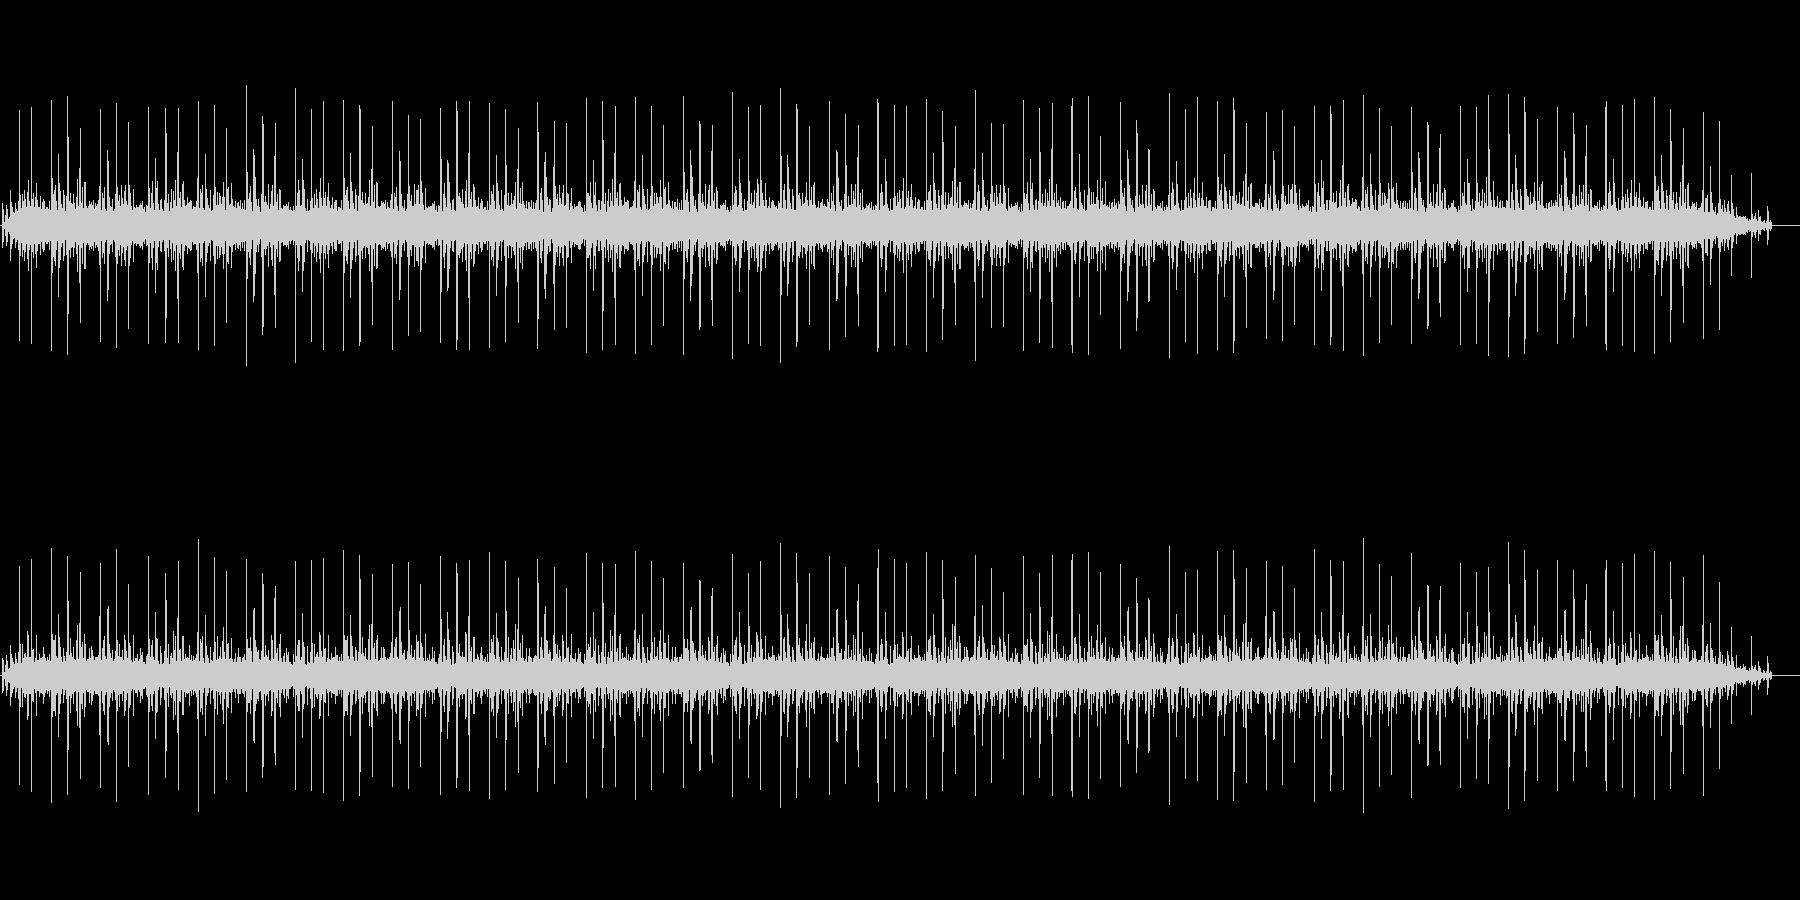 バネを作る機械の動作音02の未再生の波形